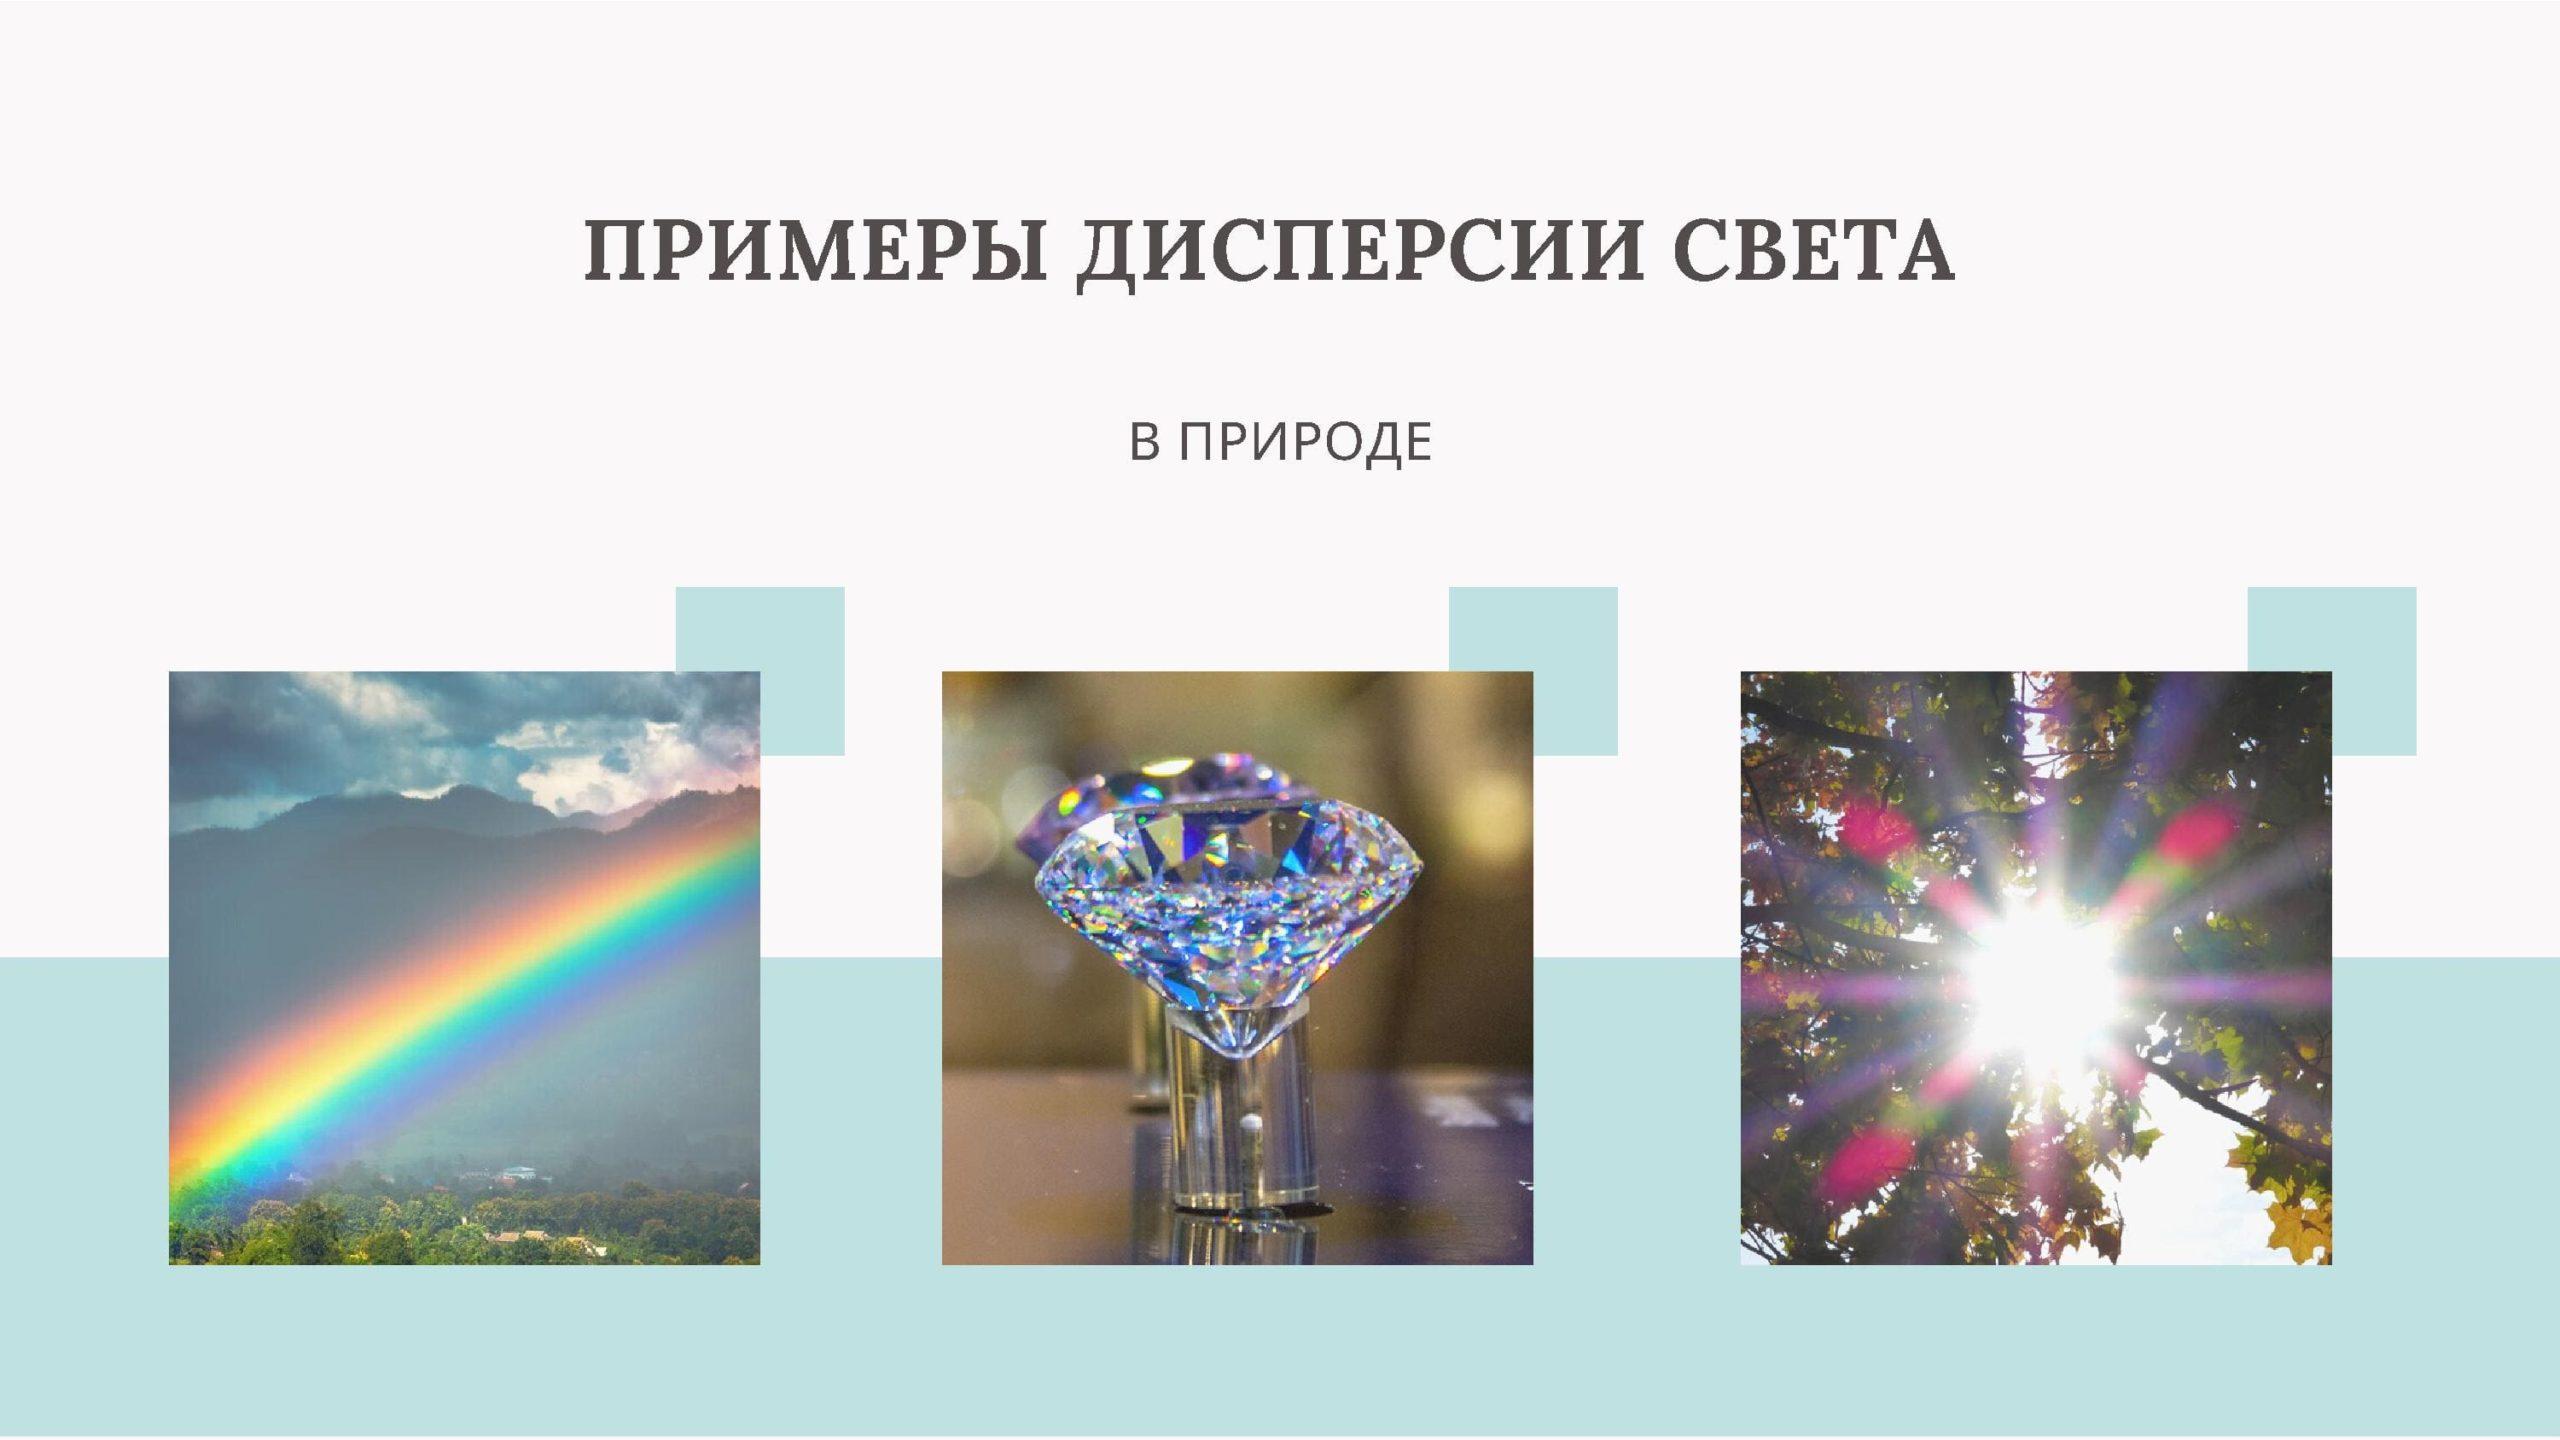 Примеры дисперсии света в природе